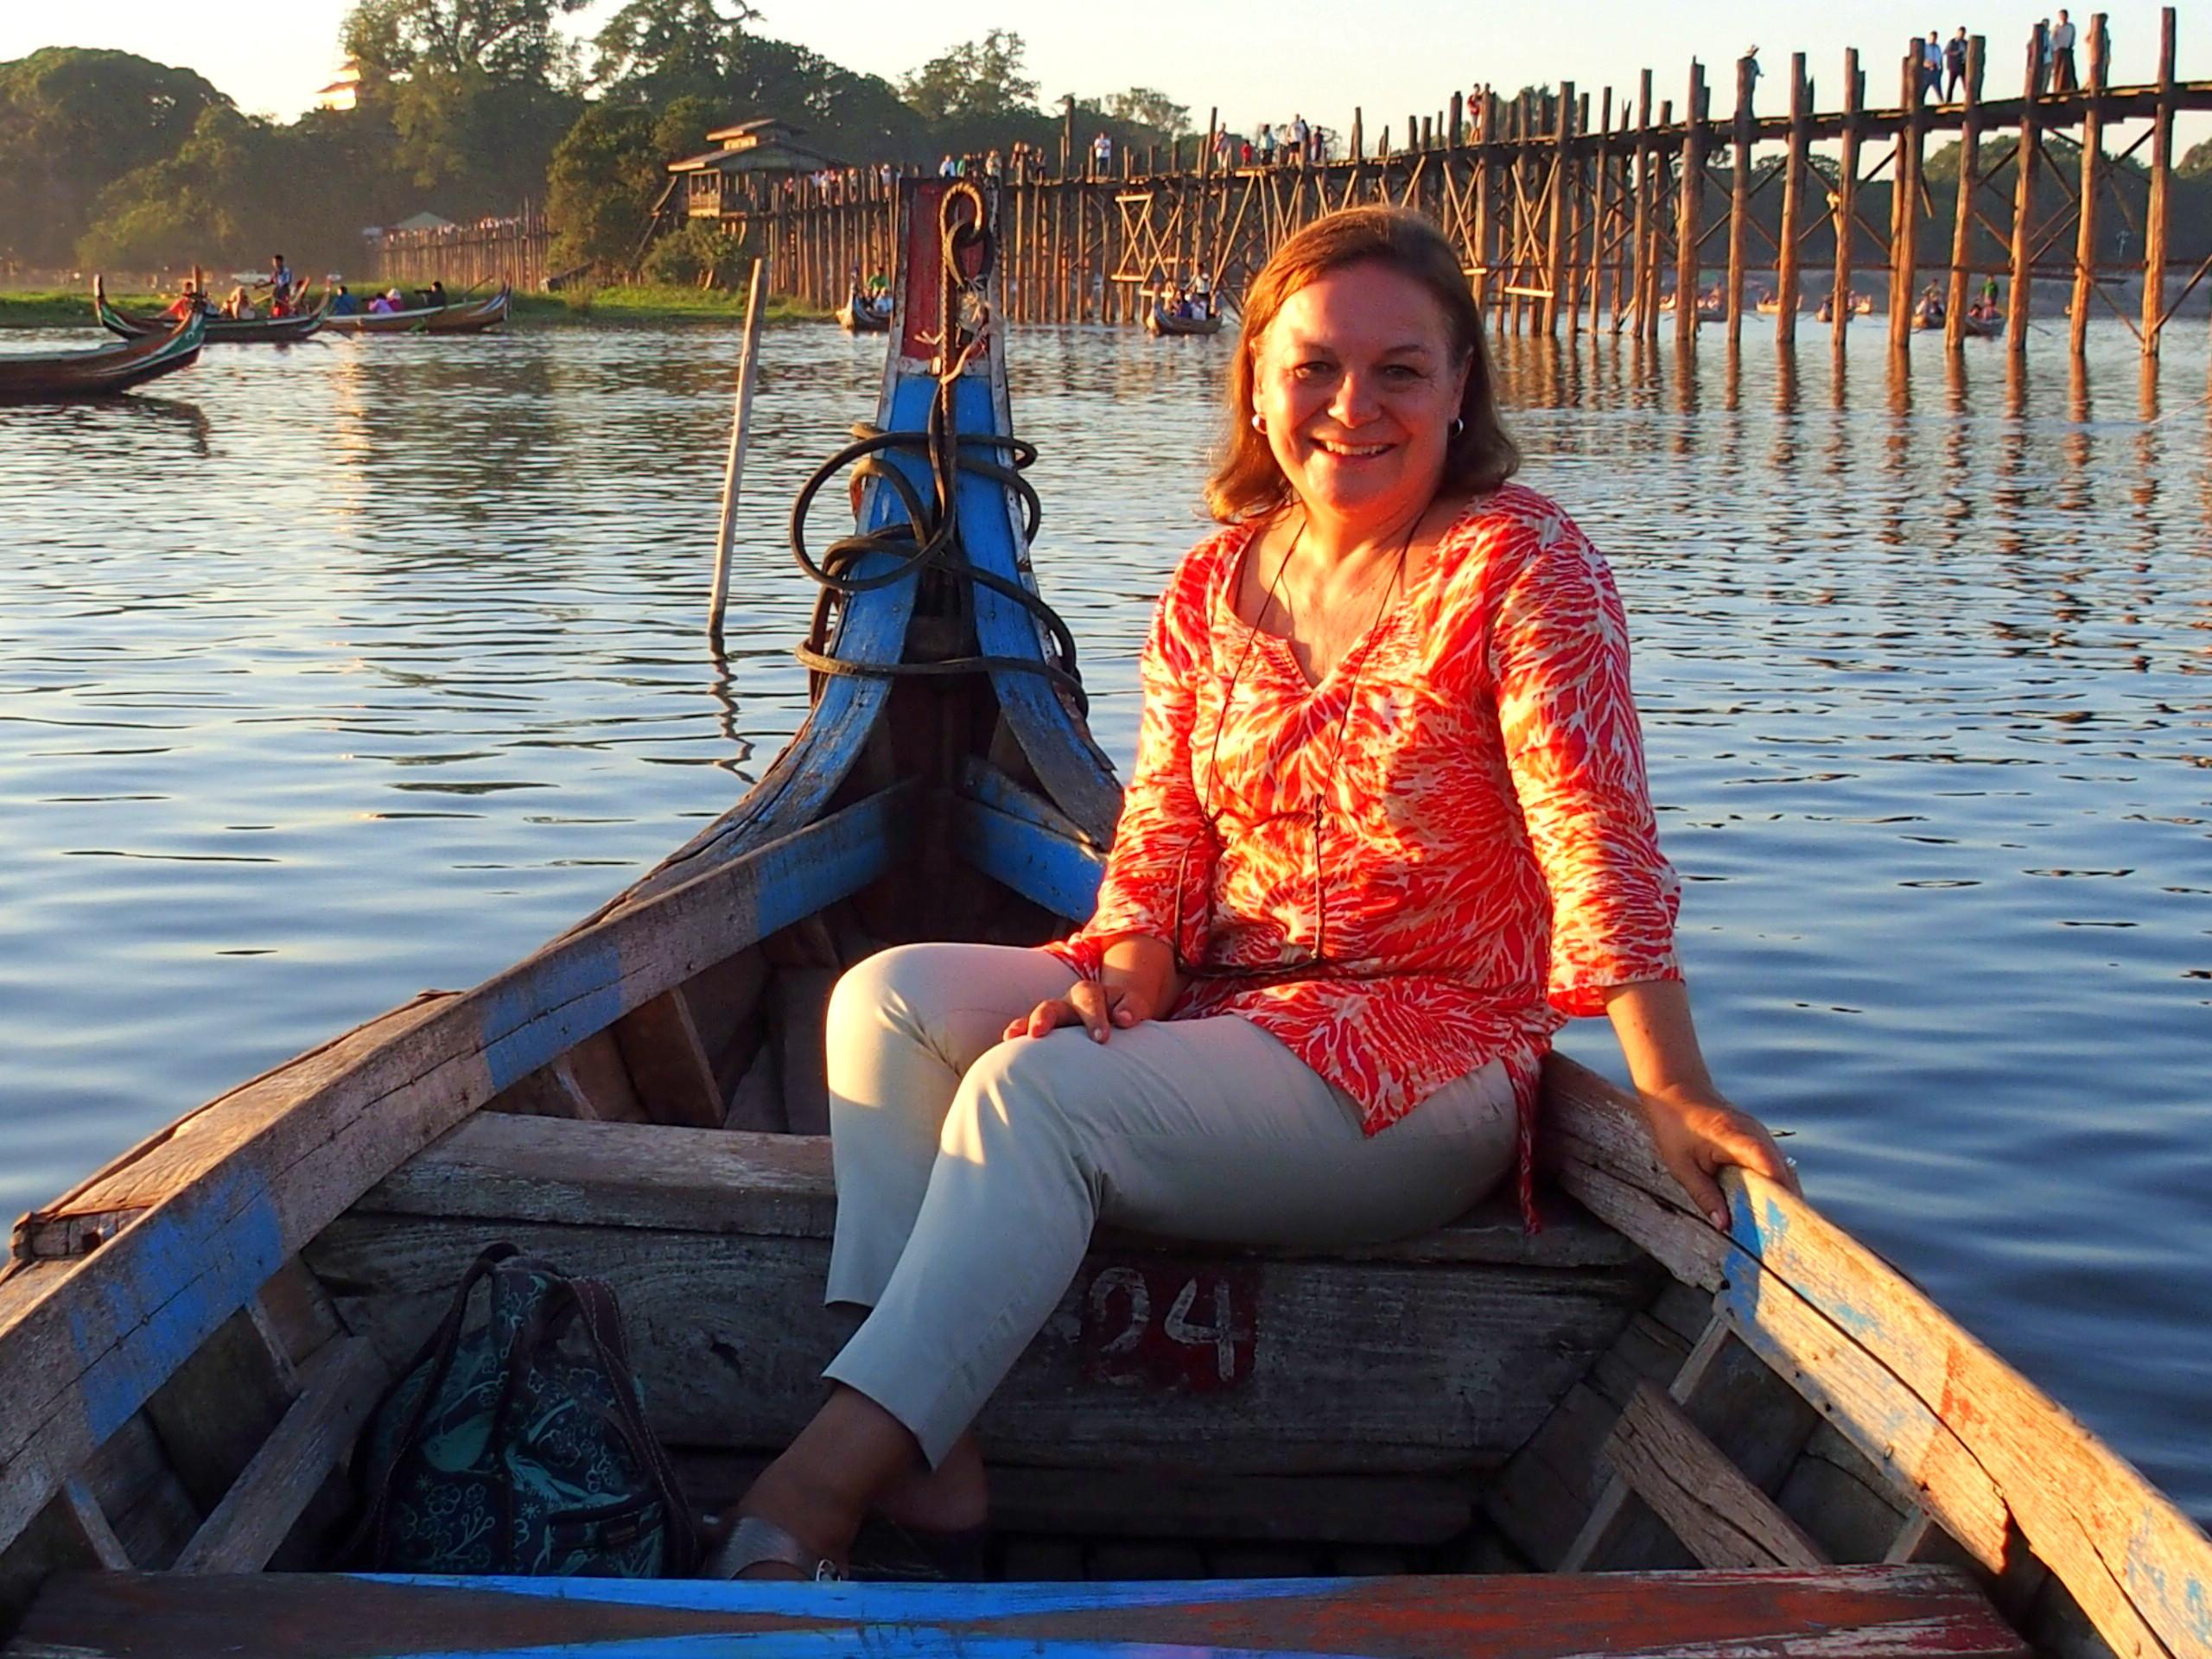 Balade en barque devant le pont U Bein en Birmanie